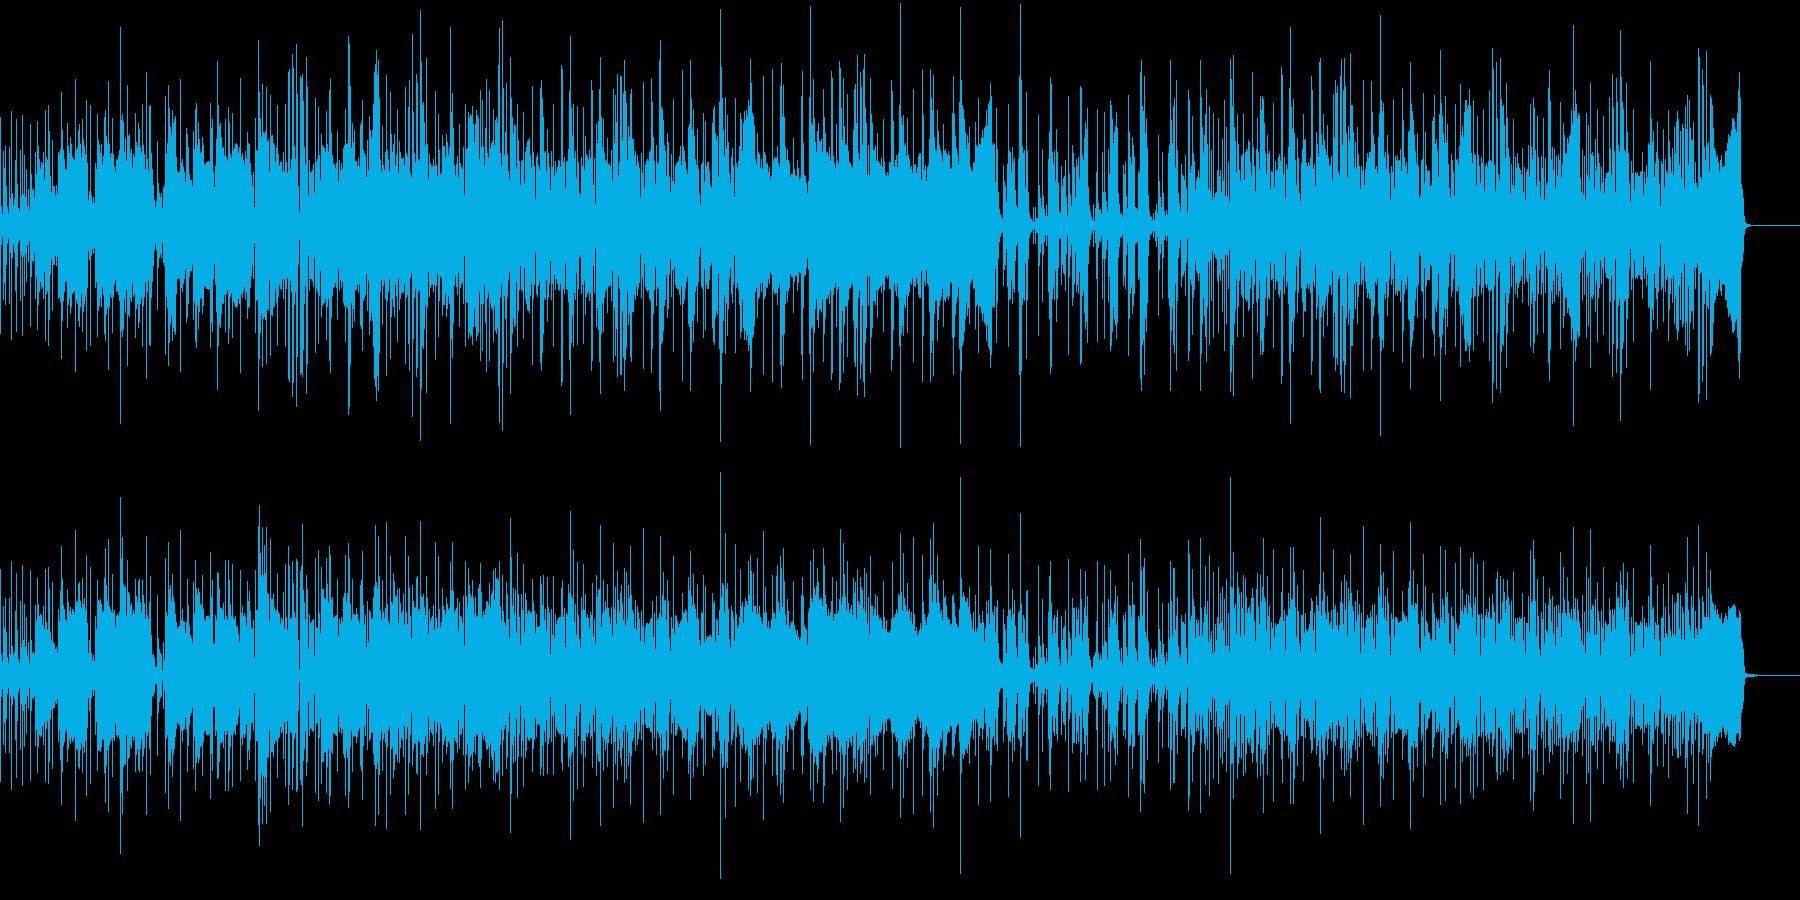 シンセリードの再生済みの波形